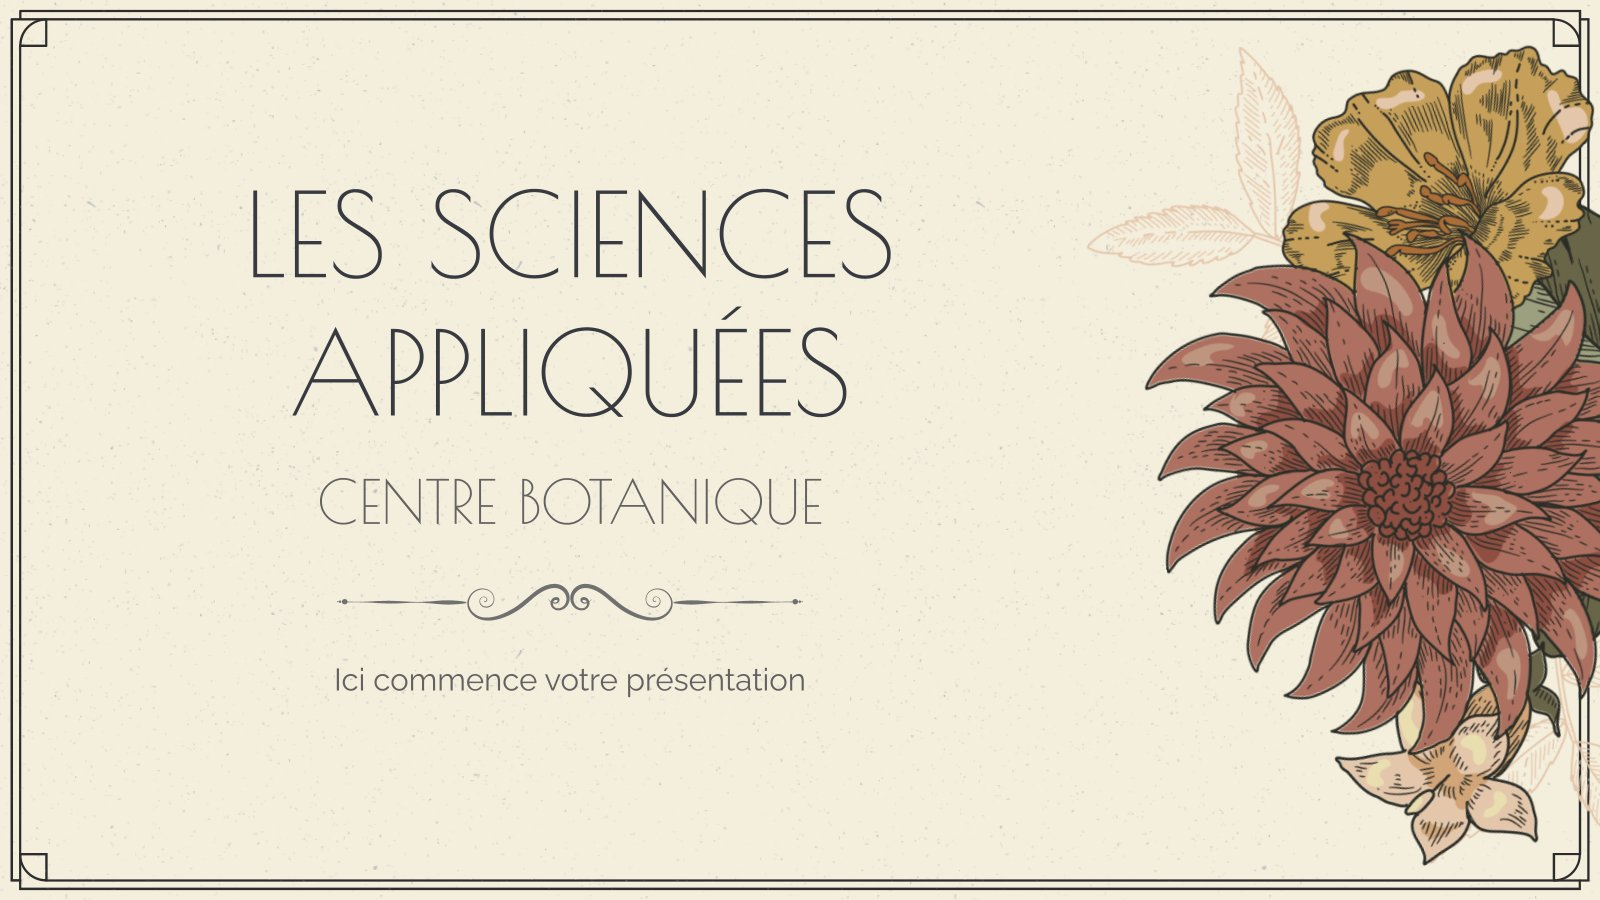 Modelo de apresentação Les Sciences Appliquées - Centre Botanique